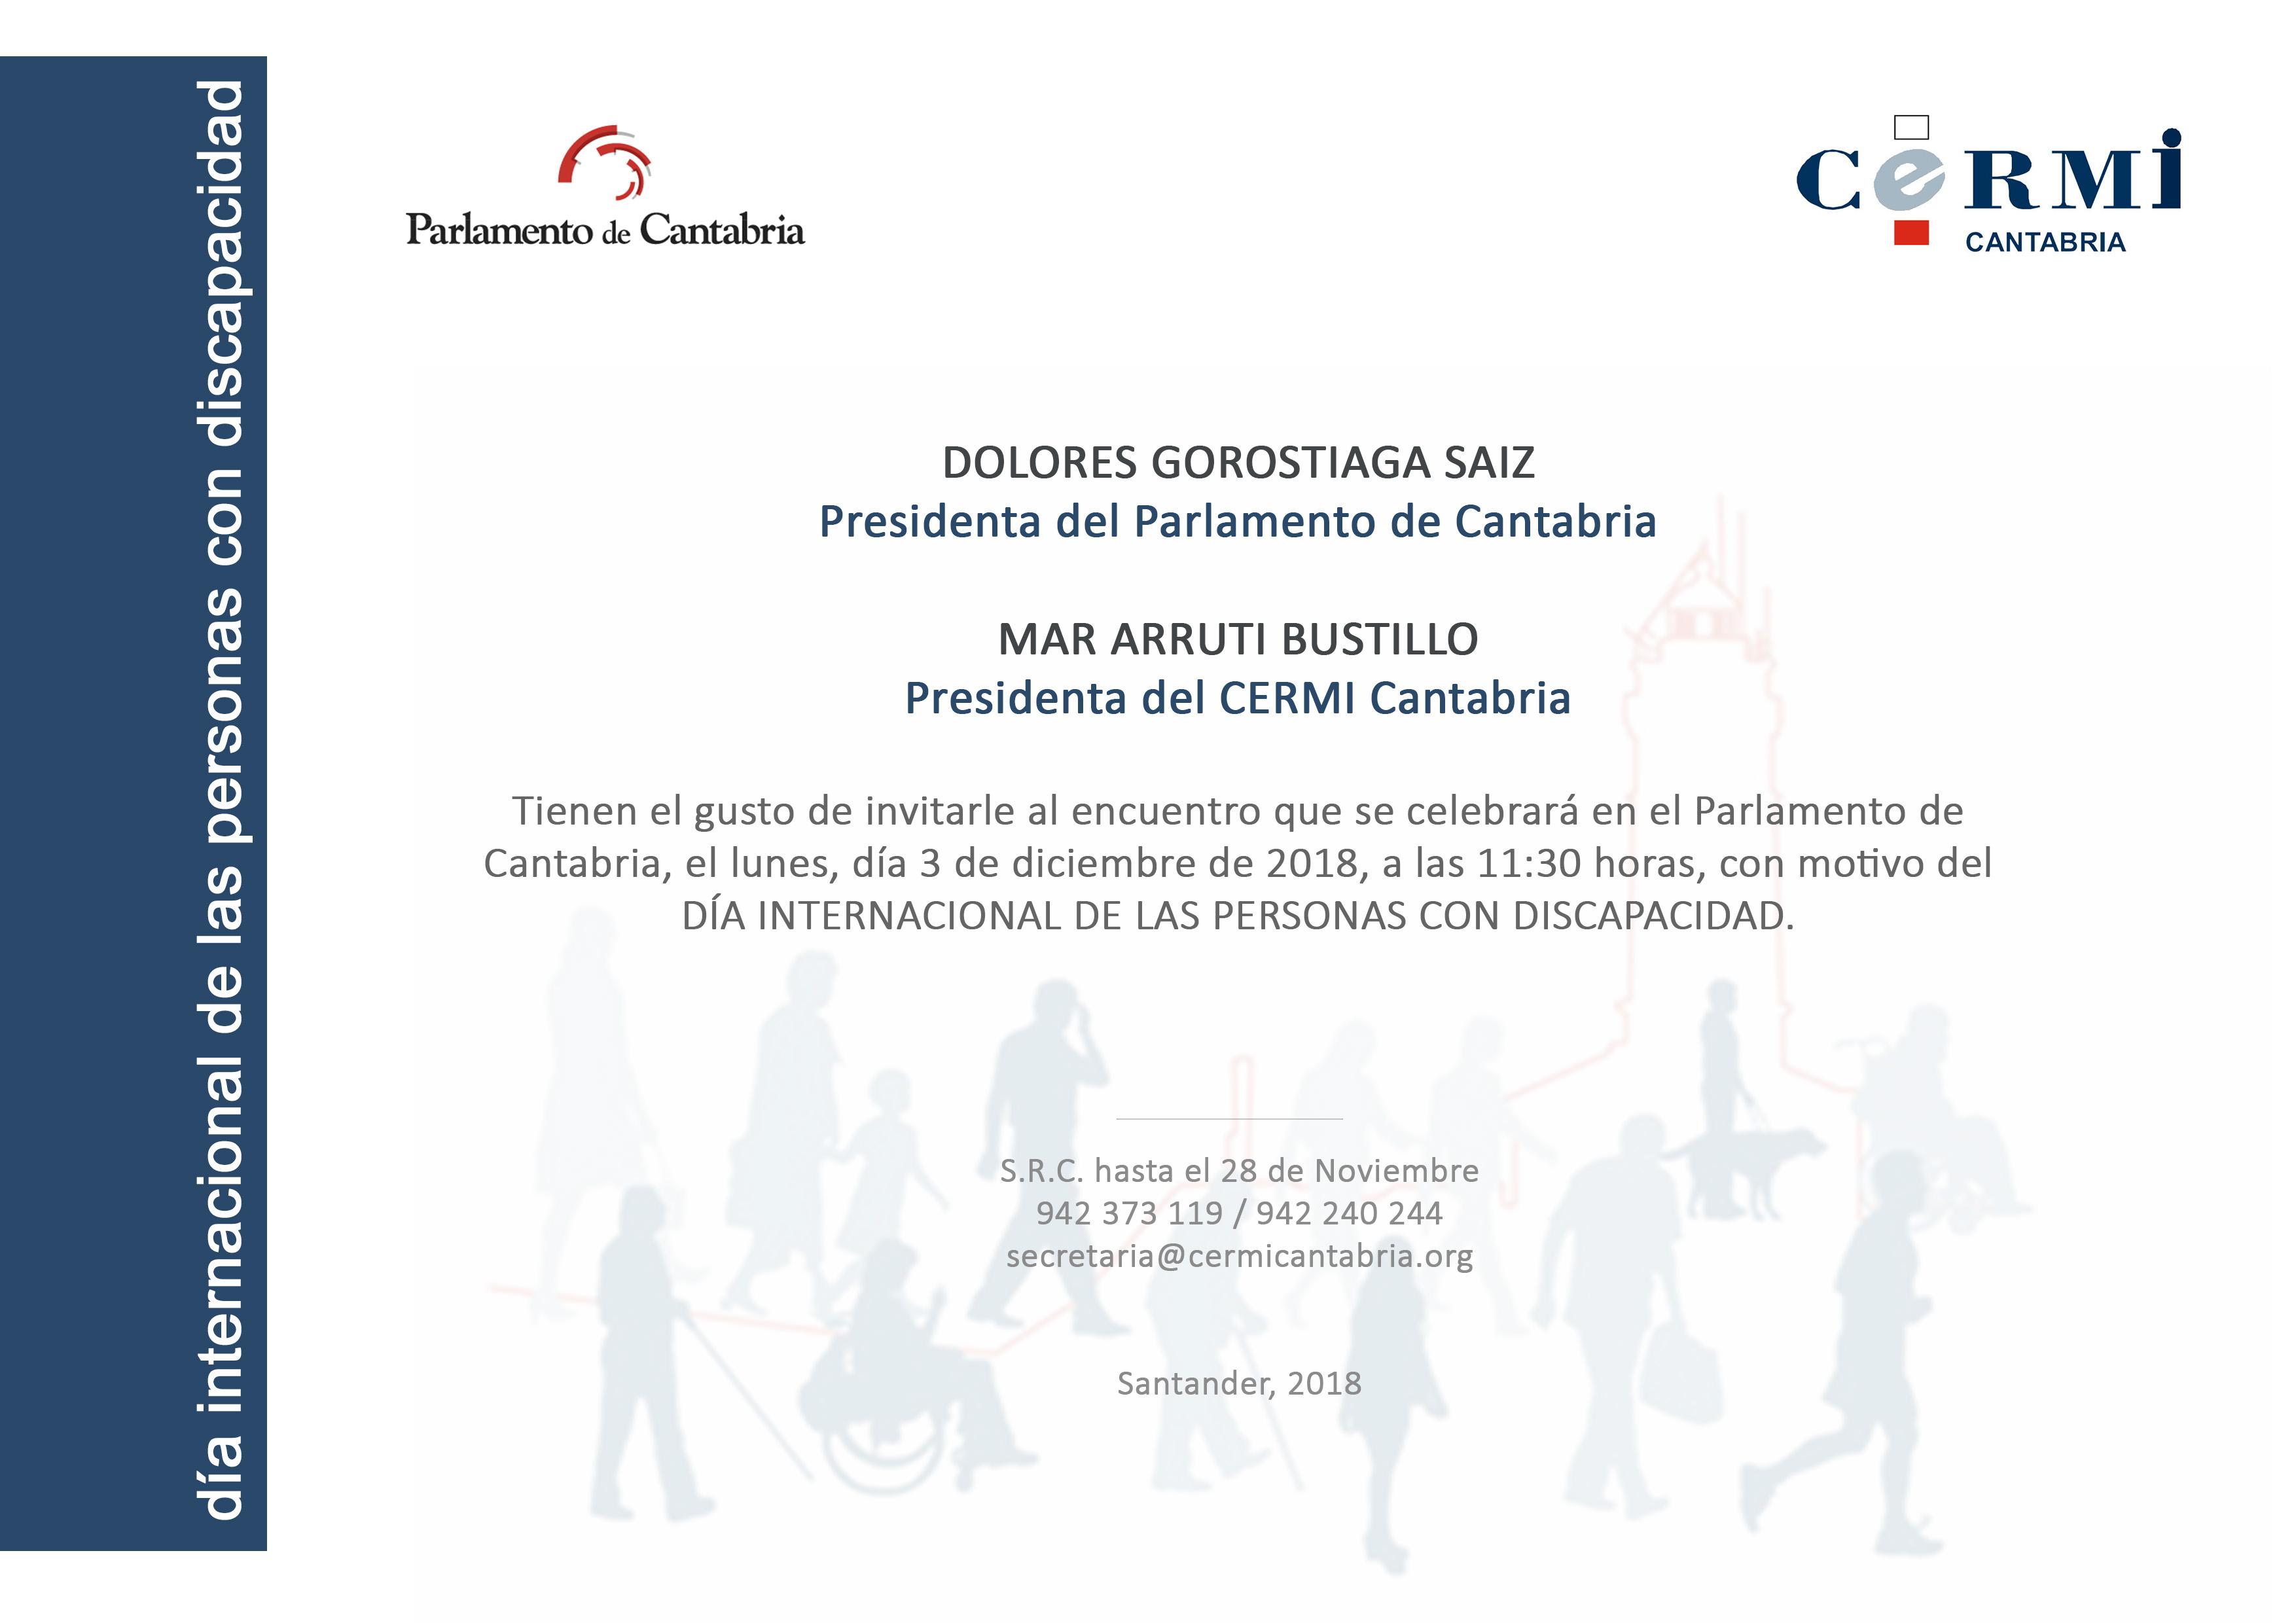 3 Diciembre 2018: Día Internacional de las Personas con Discapacidad